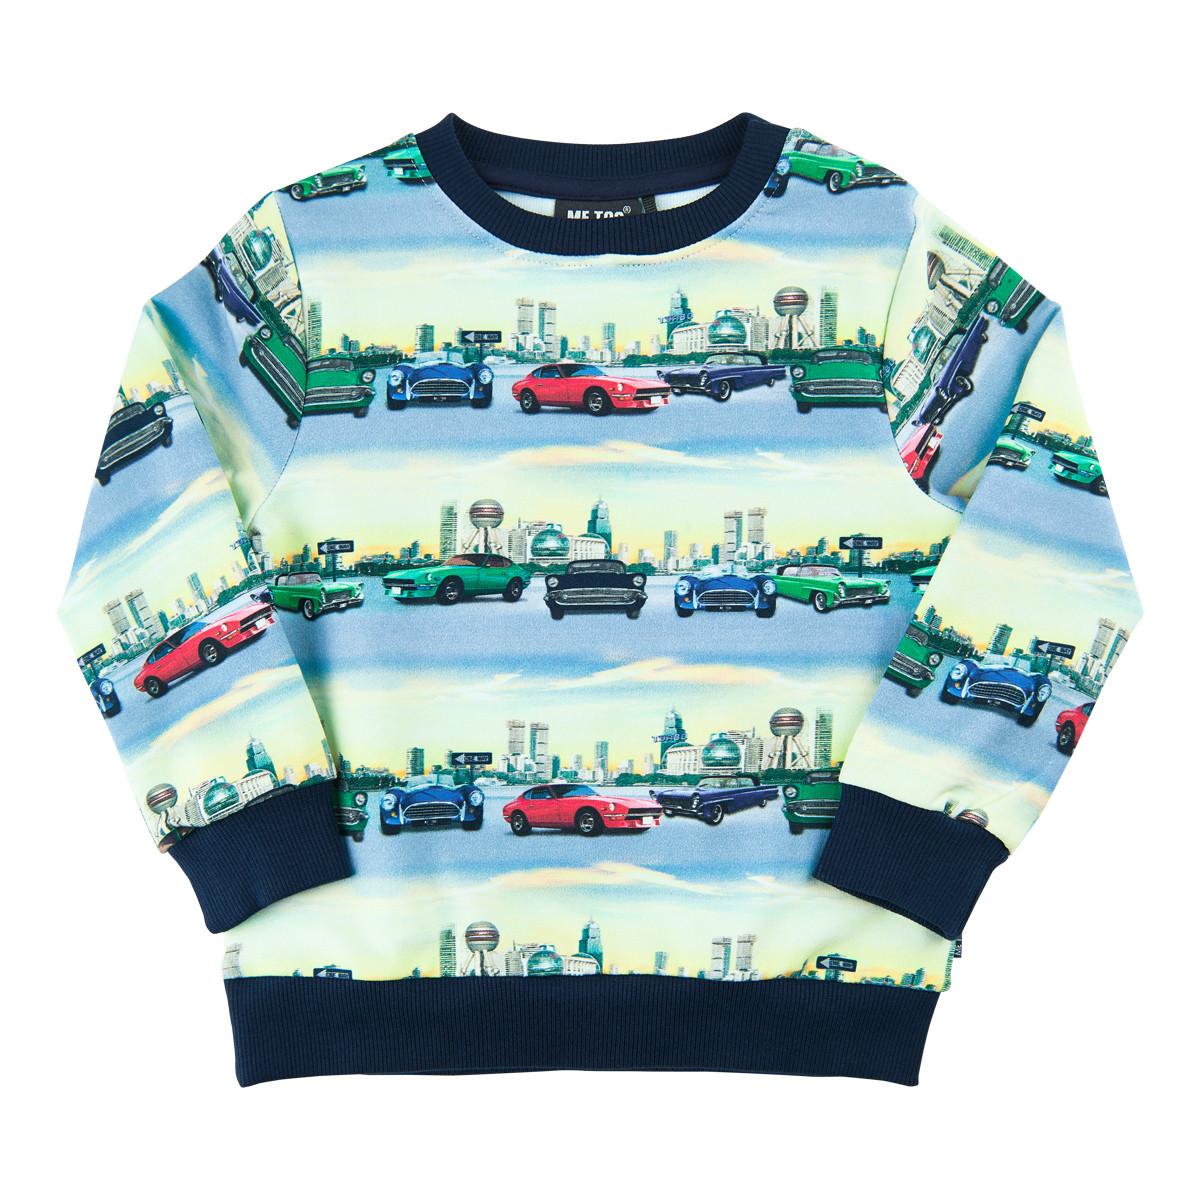 Me Too | Sweatshirt Ls Aop | 12m-24m | 630739-7721